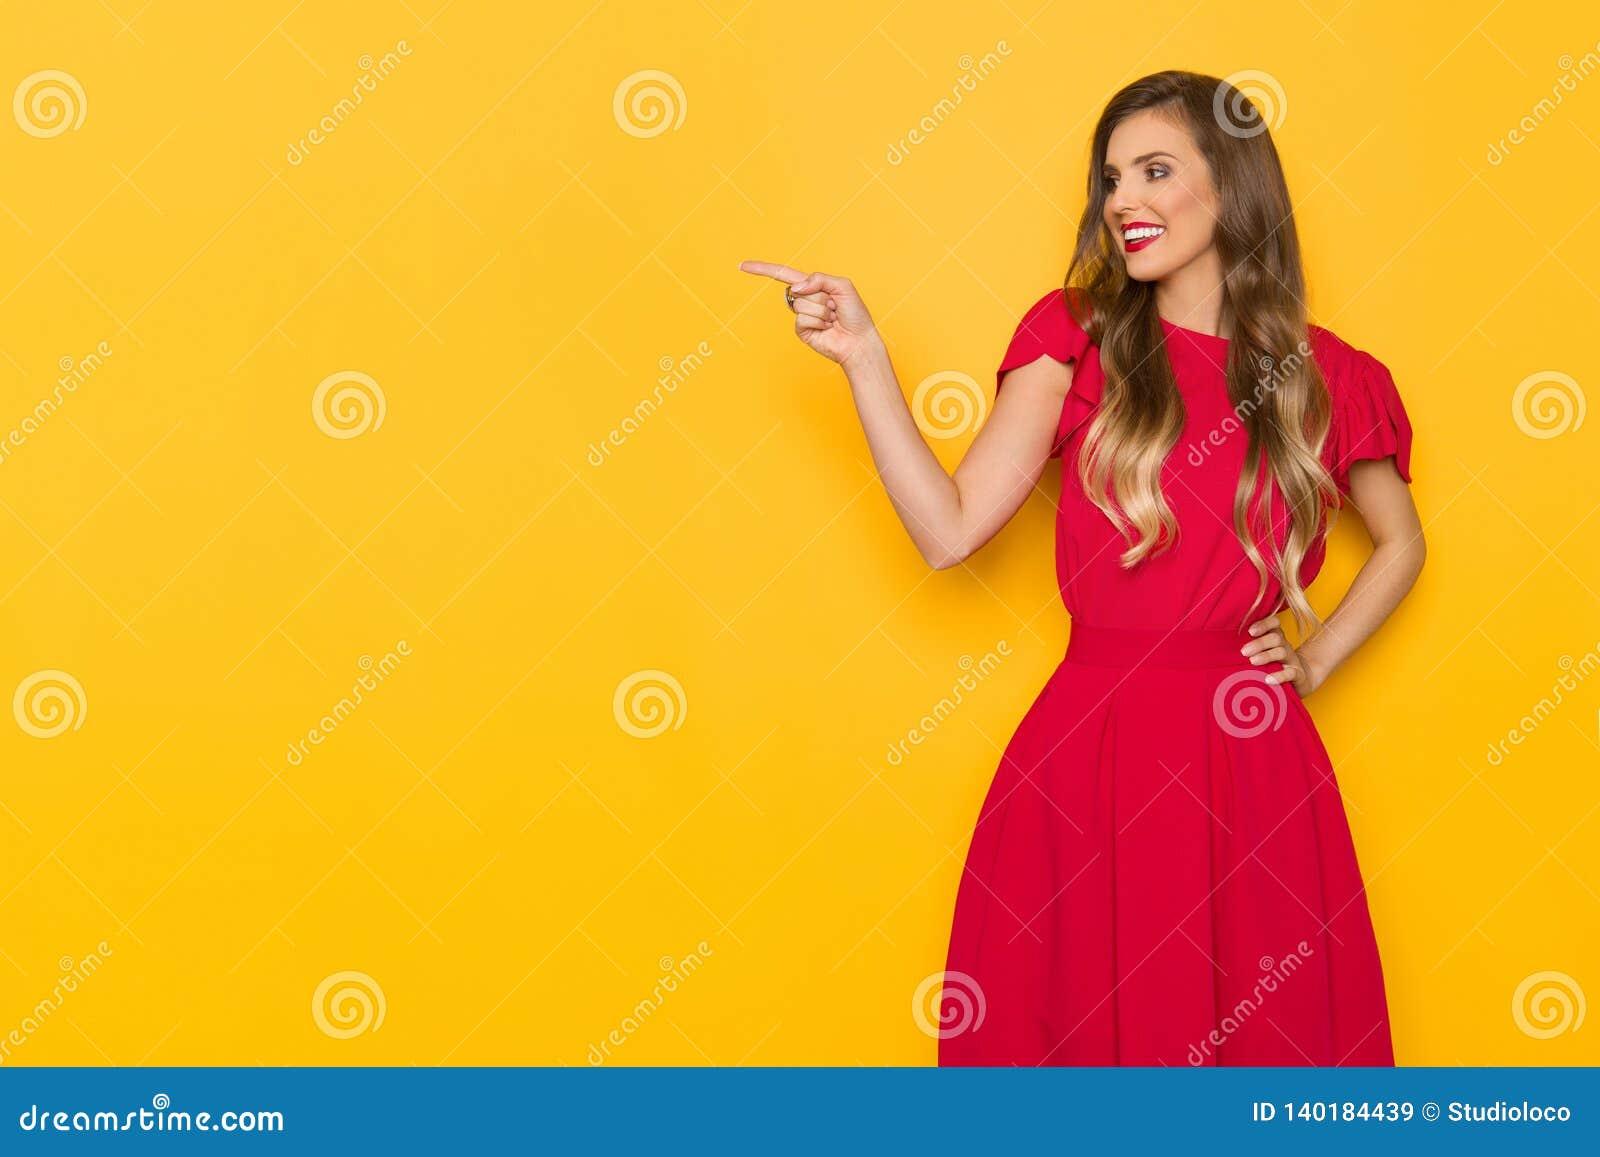 Schöne lächelnde junge Frau im roten Kleid ist weg zeigend und schauend